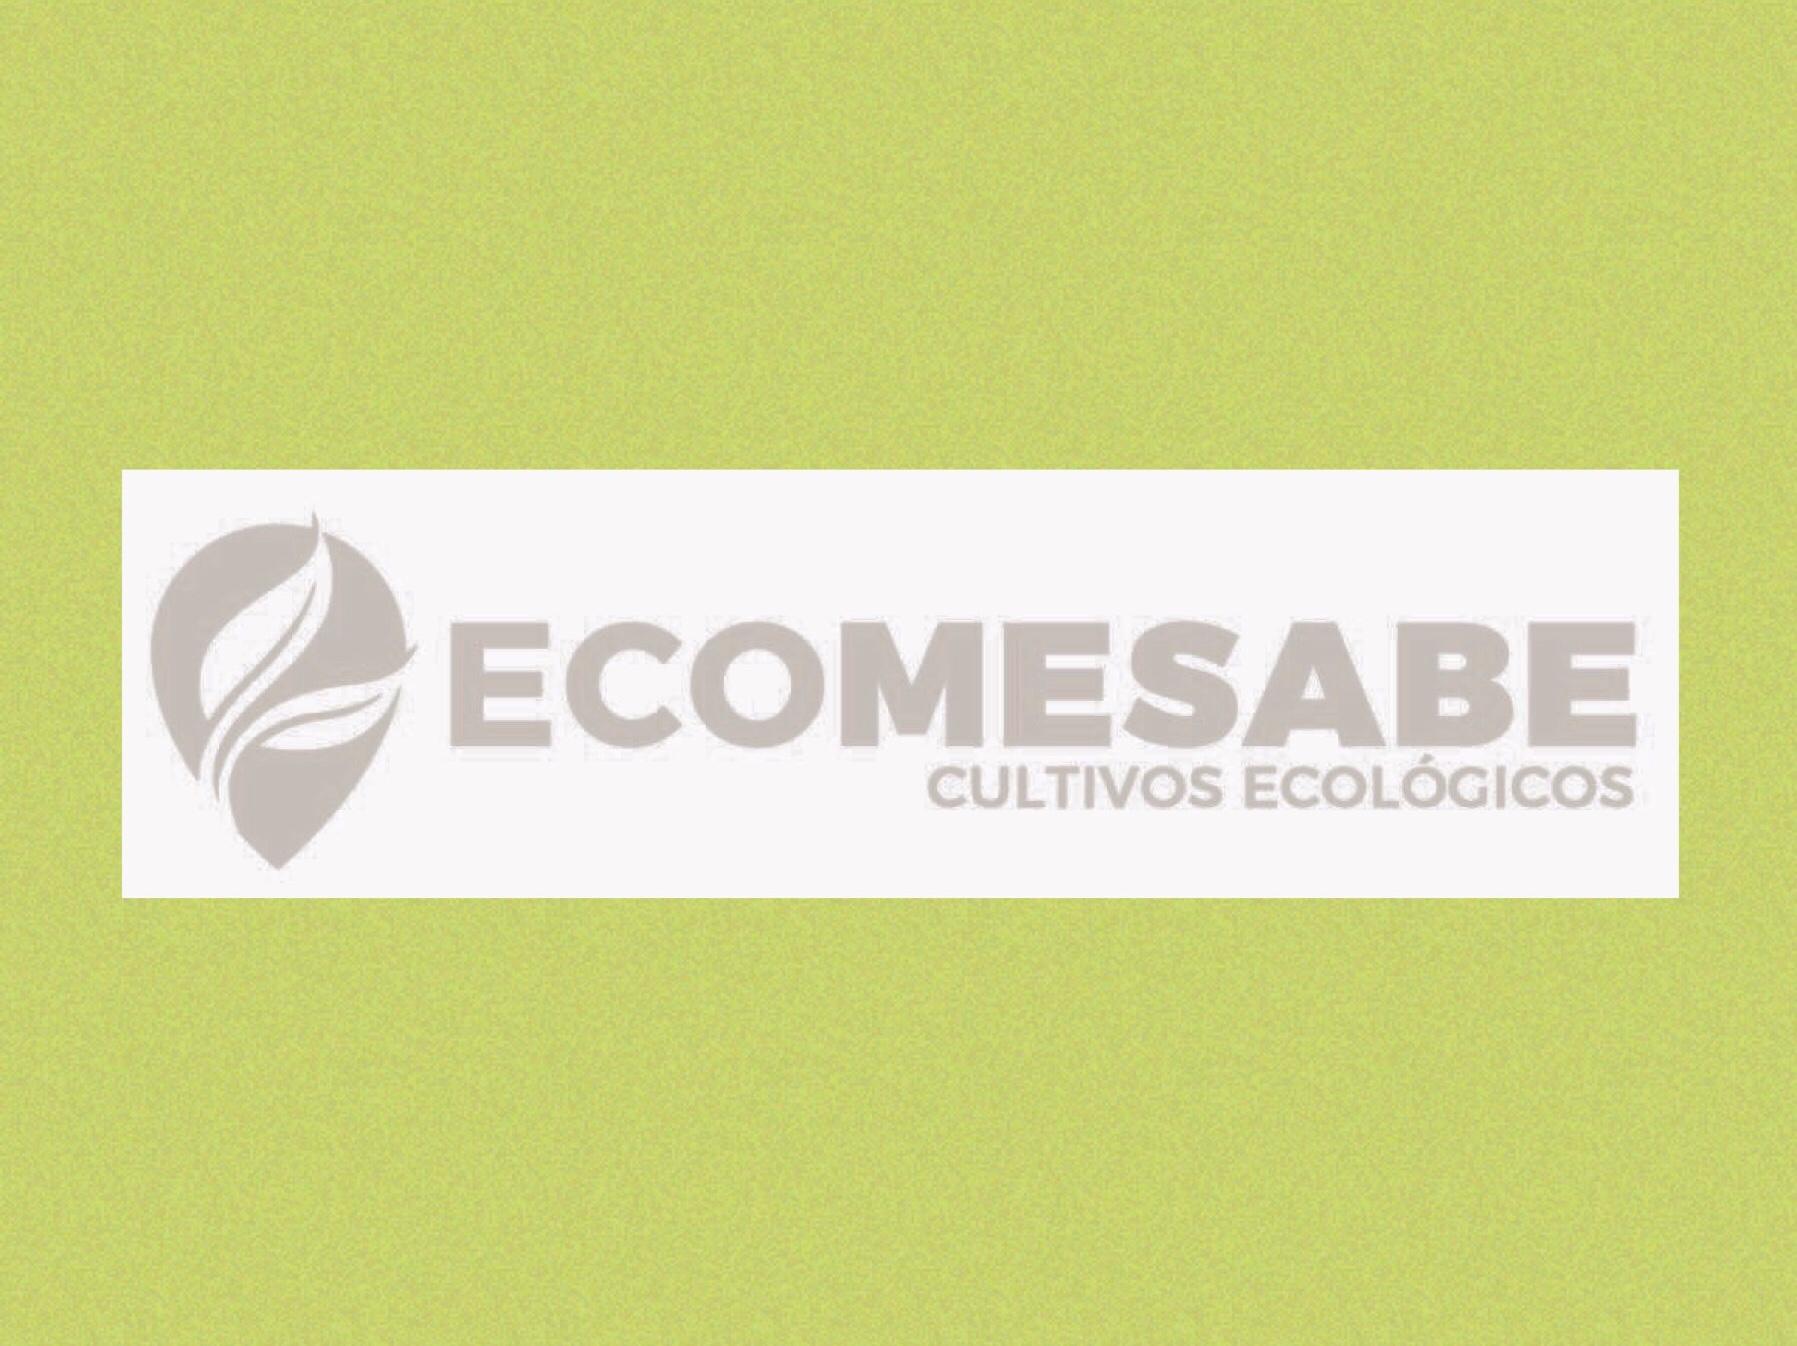 Ecomesabe